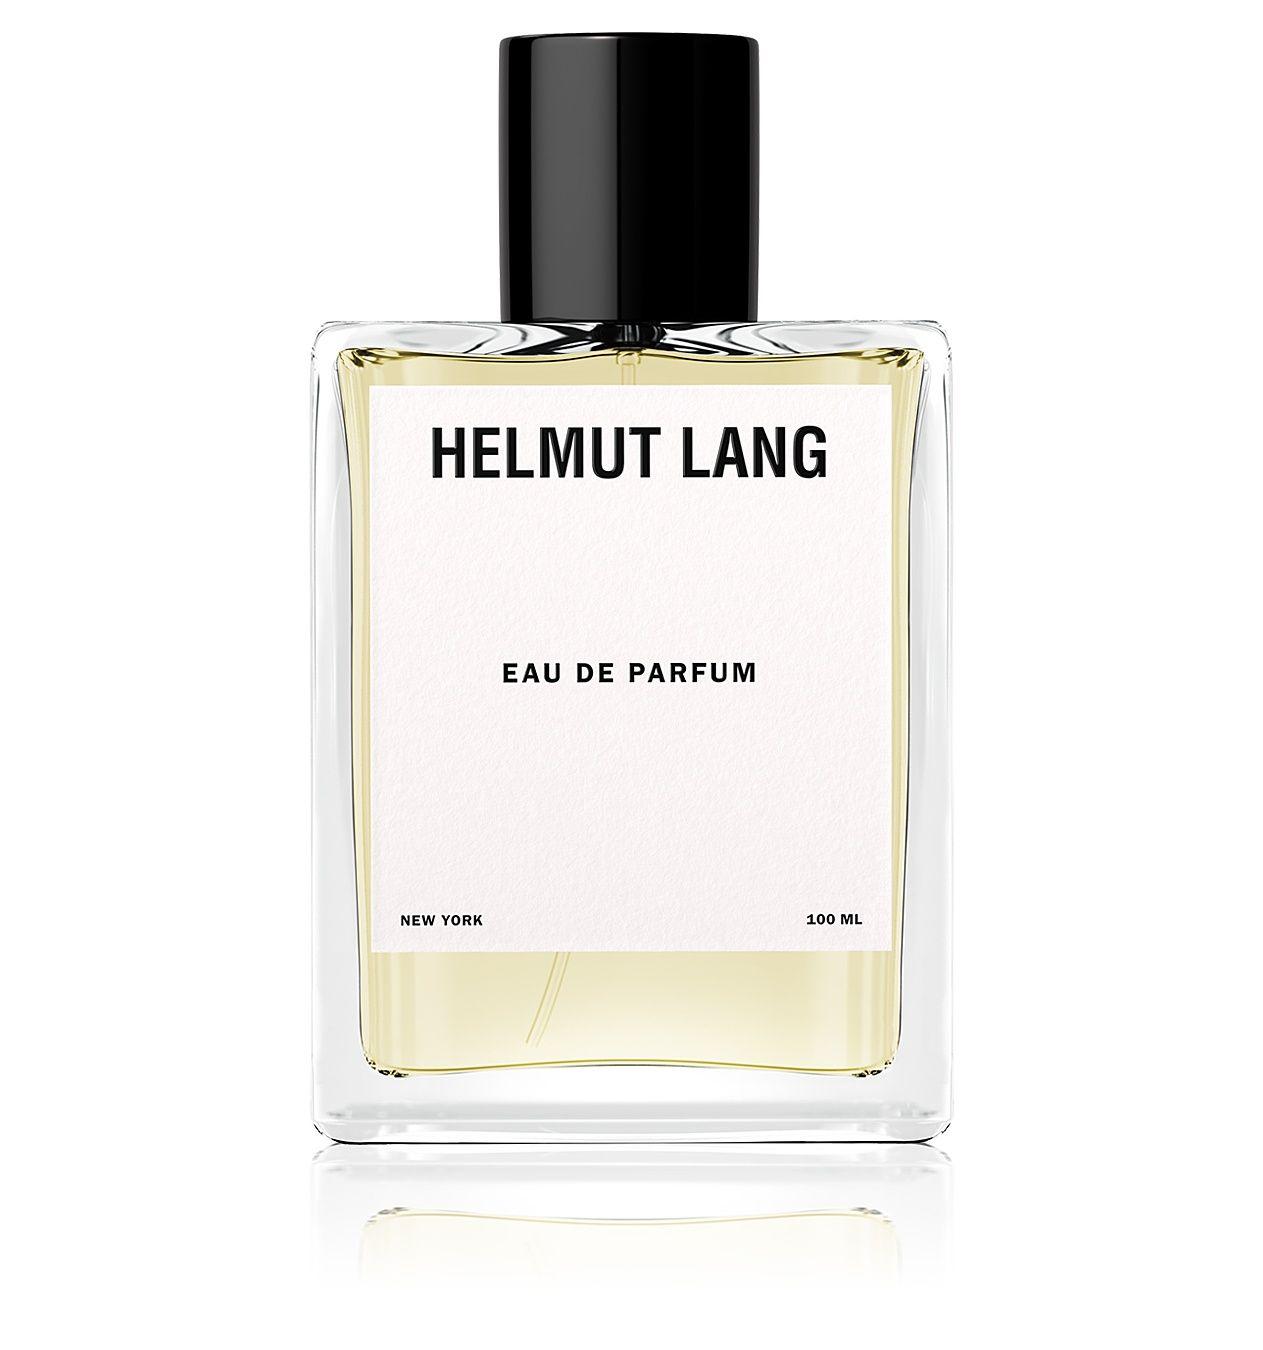 Eau de parfum perfume eau de parfum eau de cologne